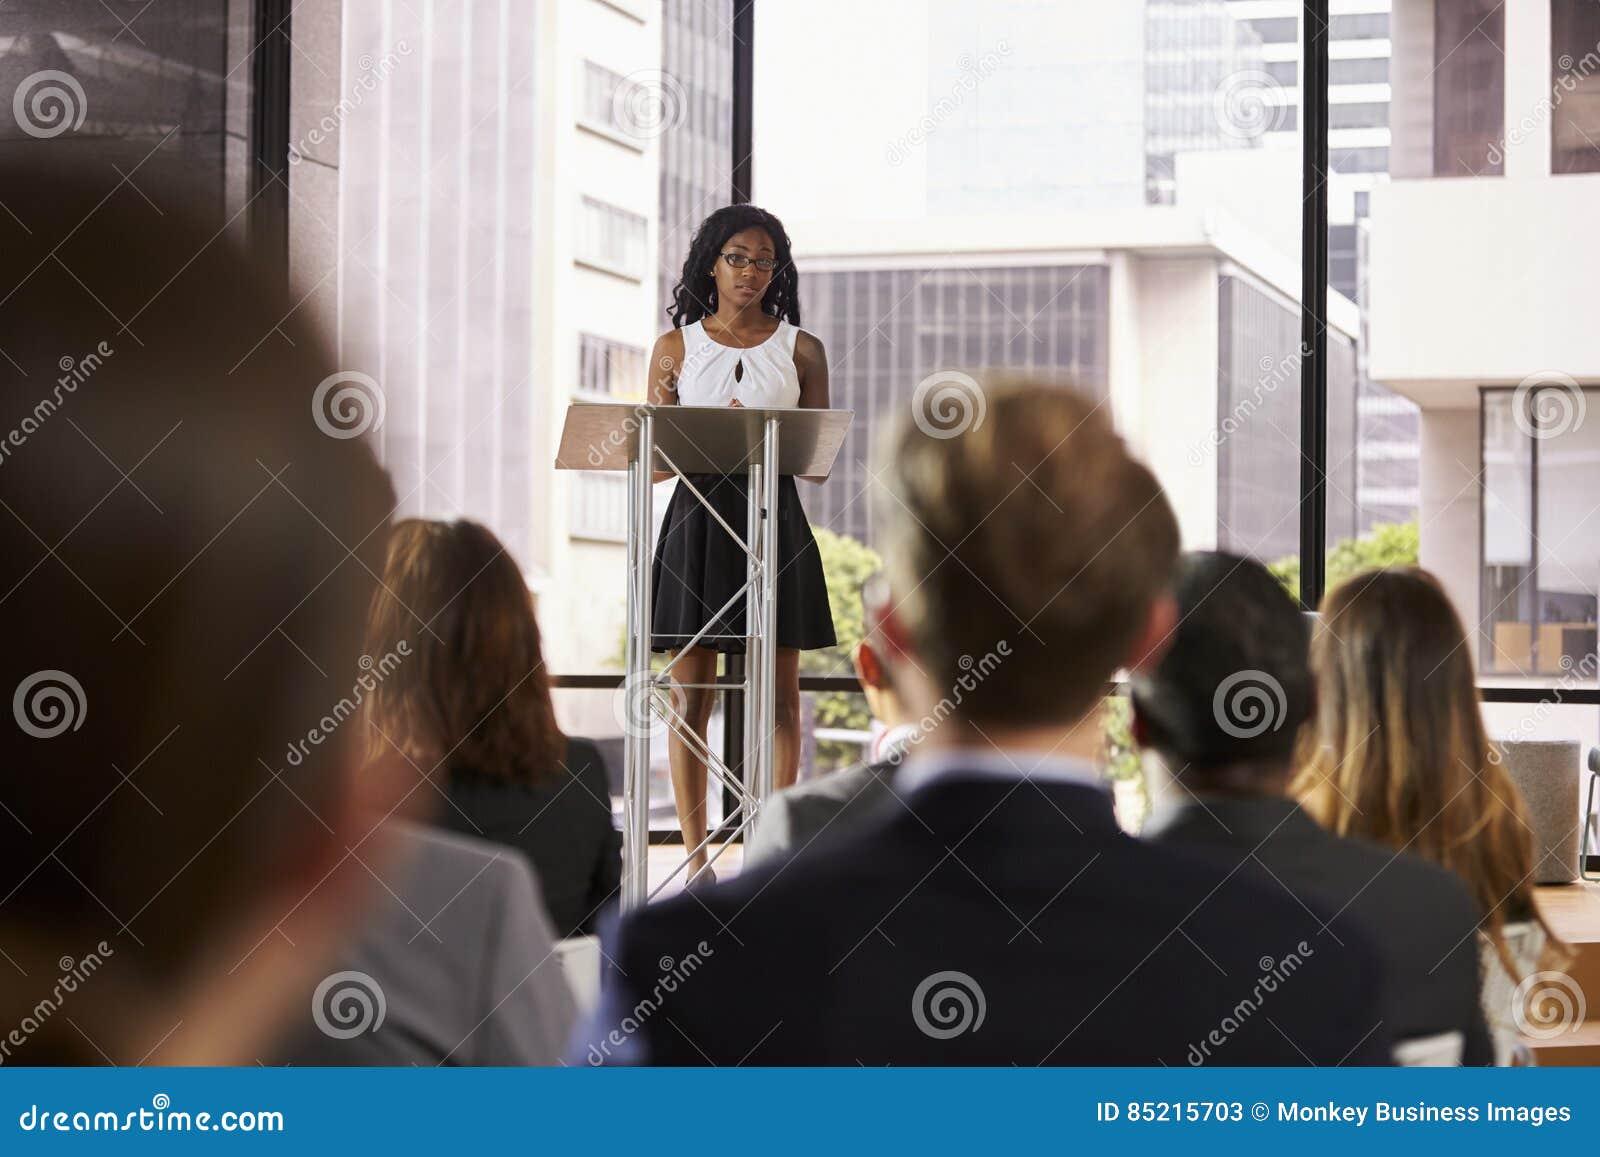 提出研讨会的讲演台的年轻黑人妇女对观众